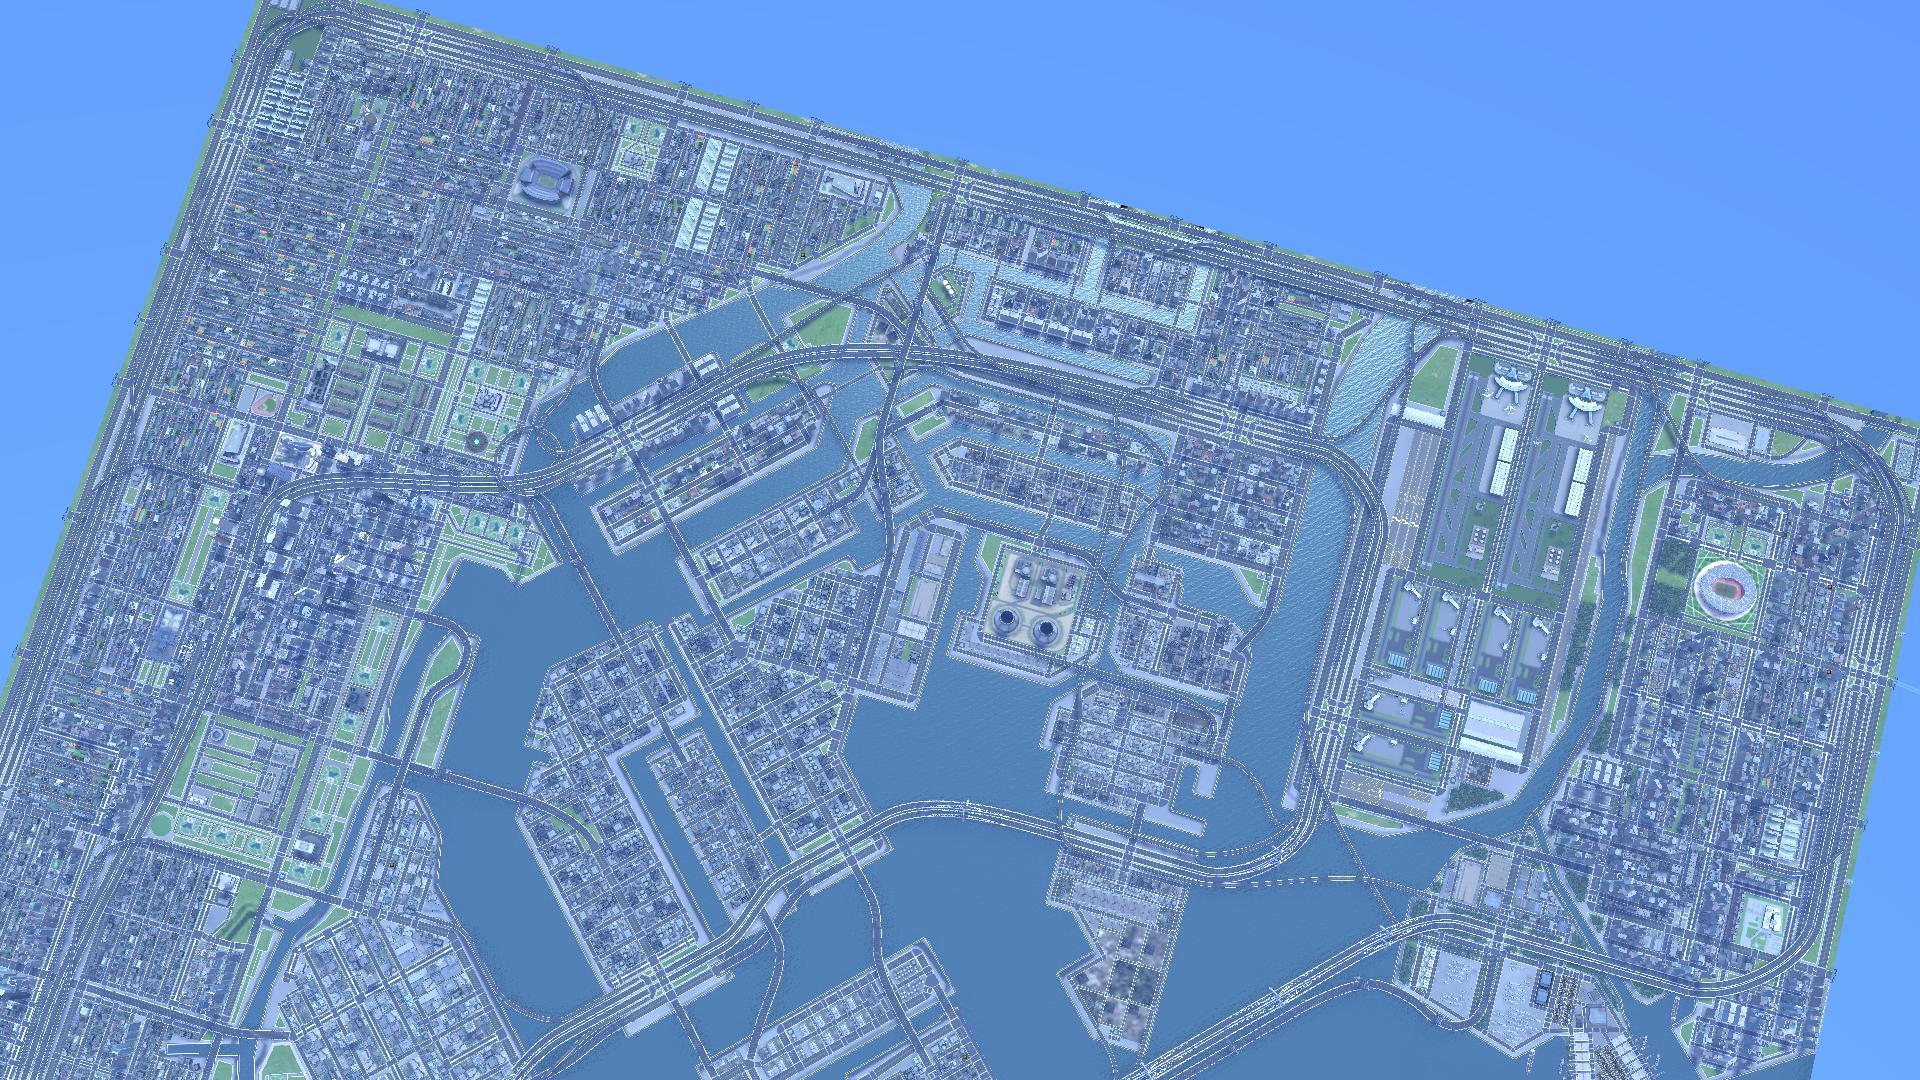 CitiesXL_2012 2014-11-06 16-50-00-44.jpg